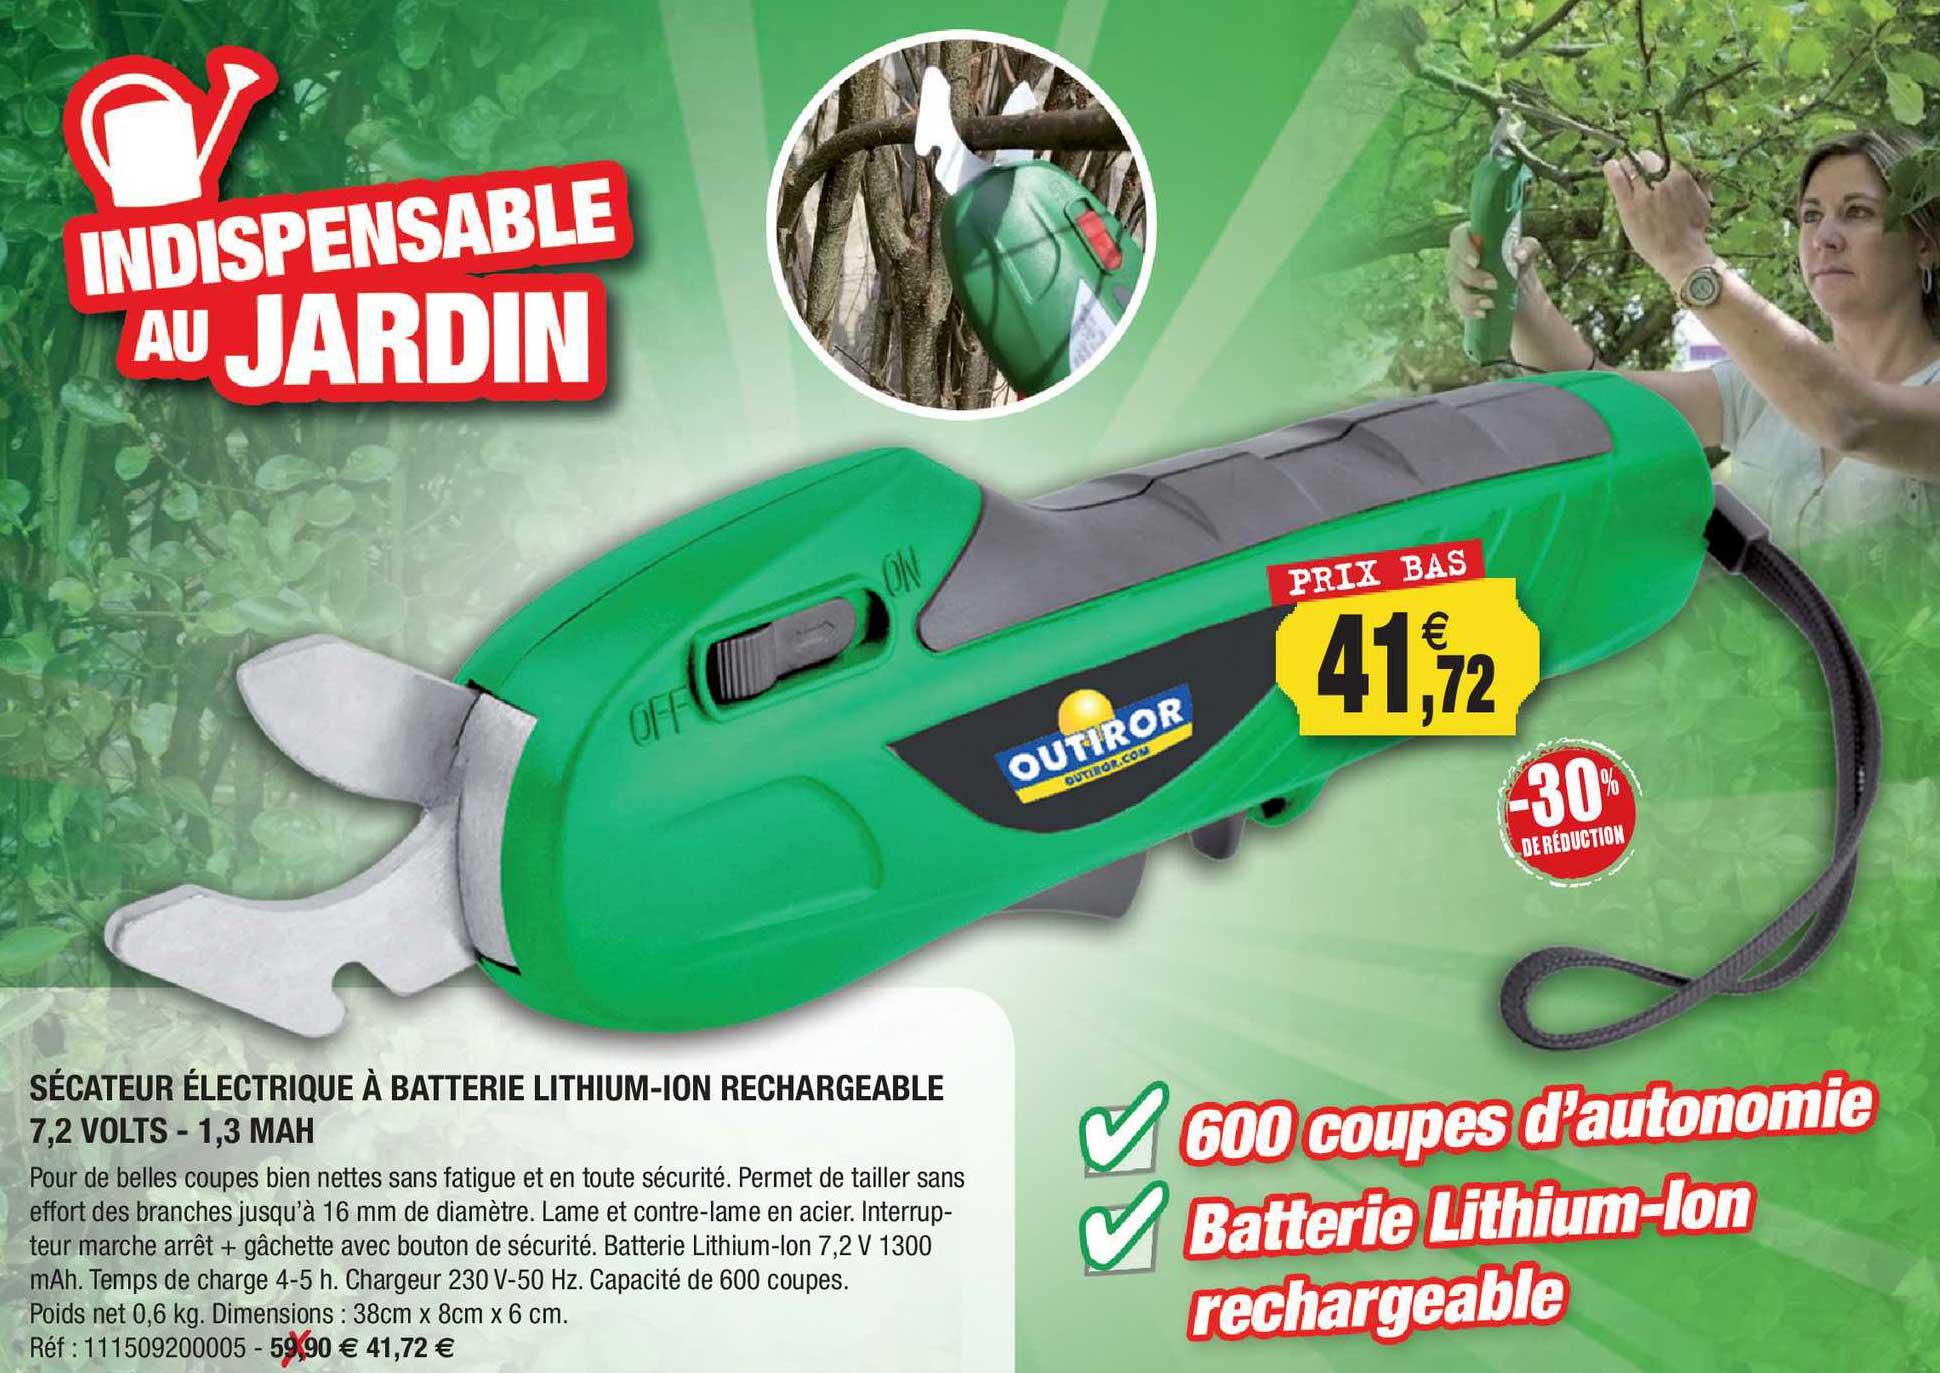 Outiror Sécateur électrique à Batterie Lithium-ion Rechargeable 7.2 Volts - 1.3 Mah